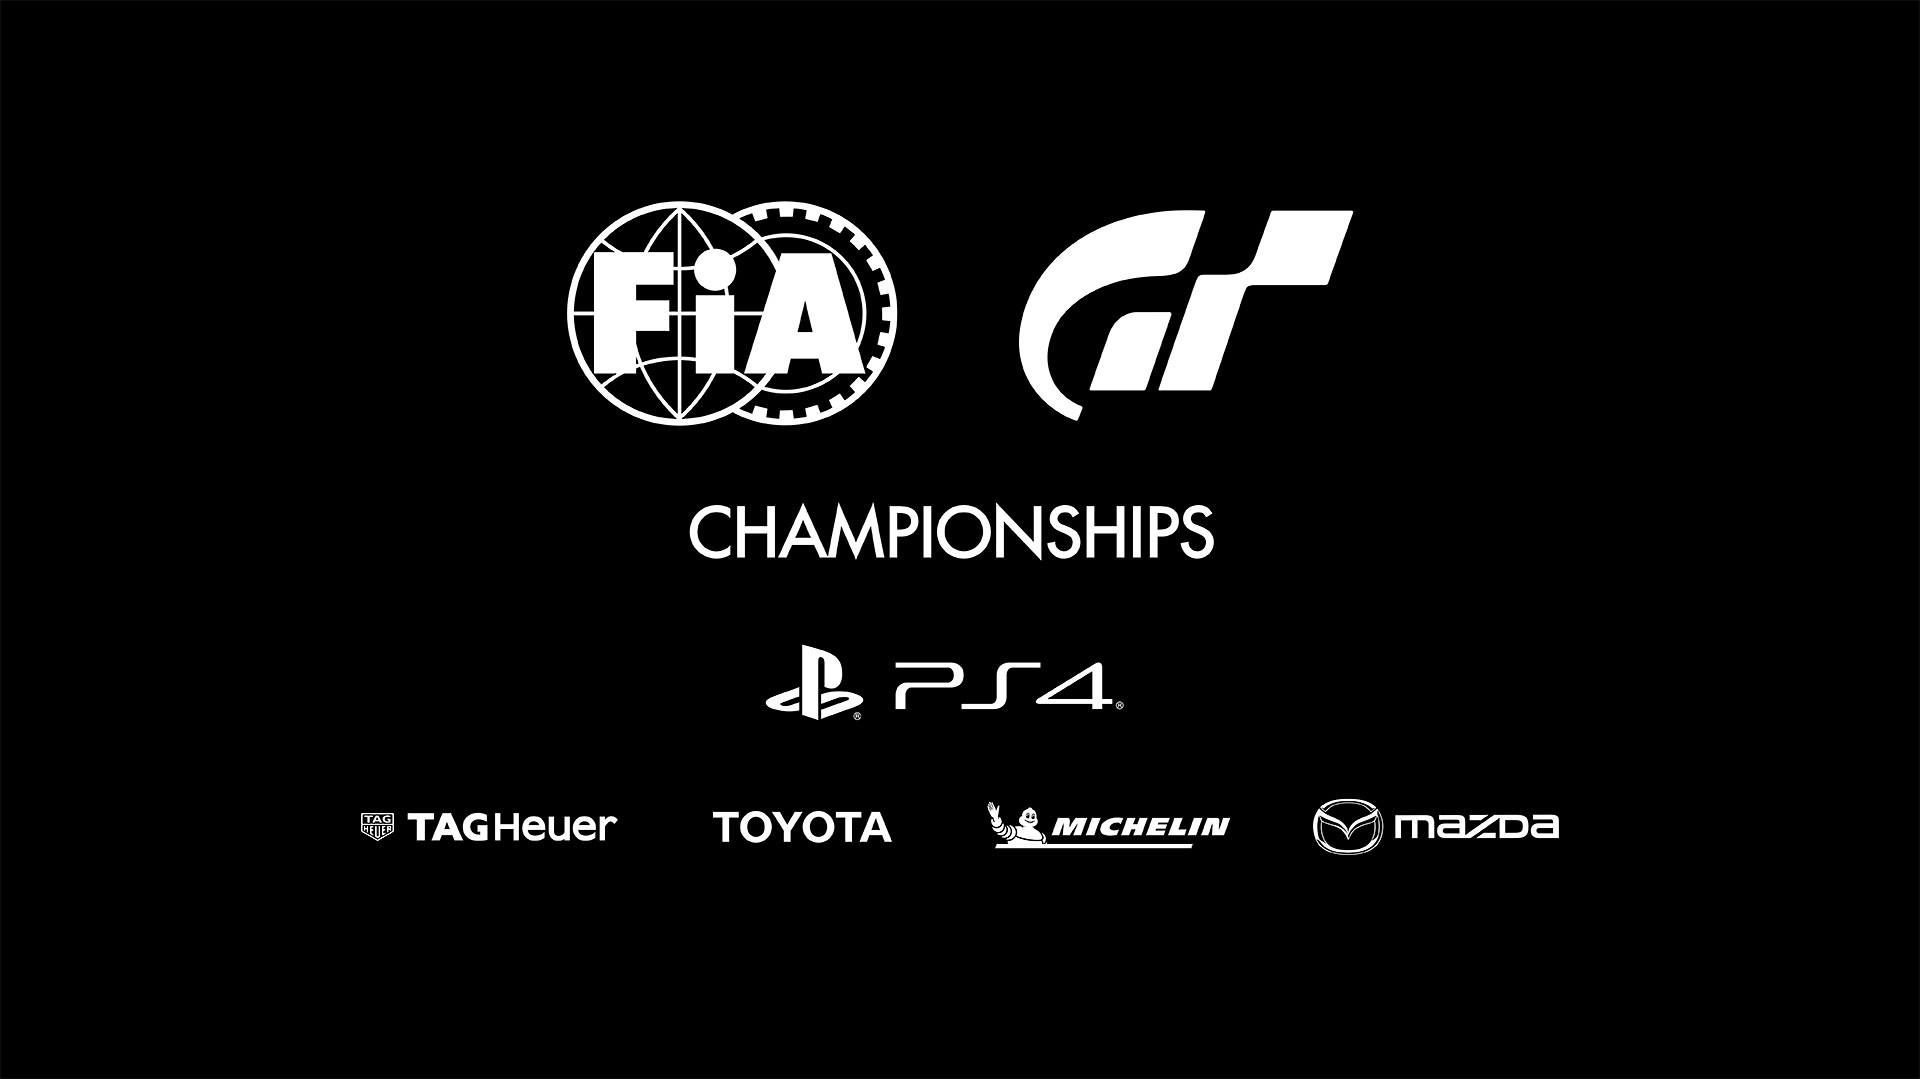 Gran Turismo on PS4